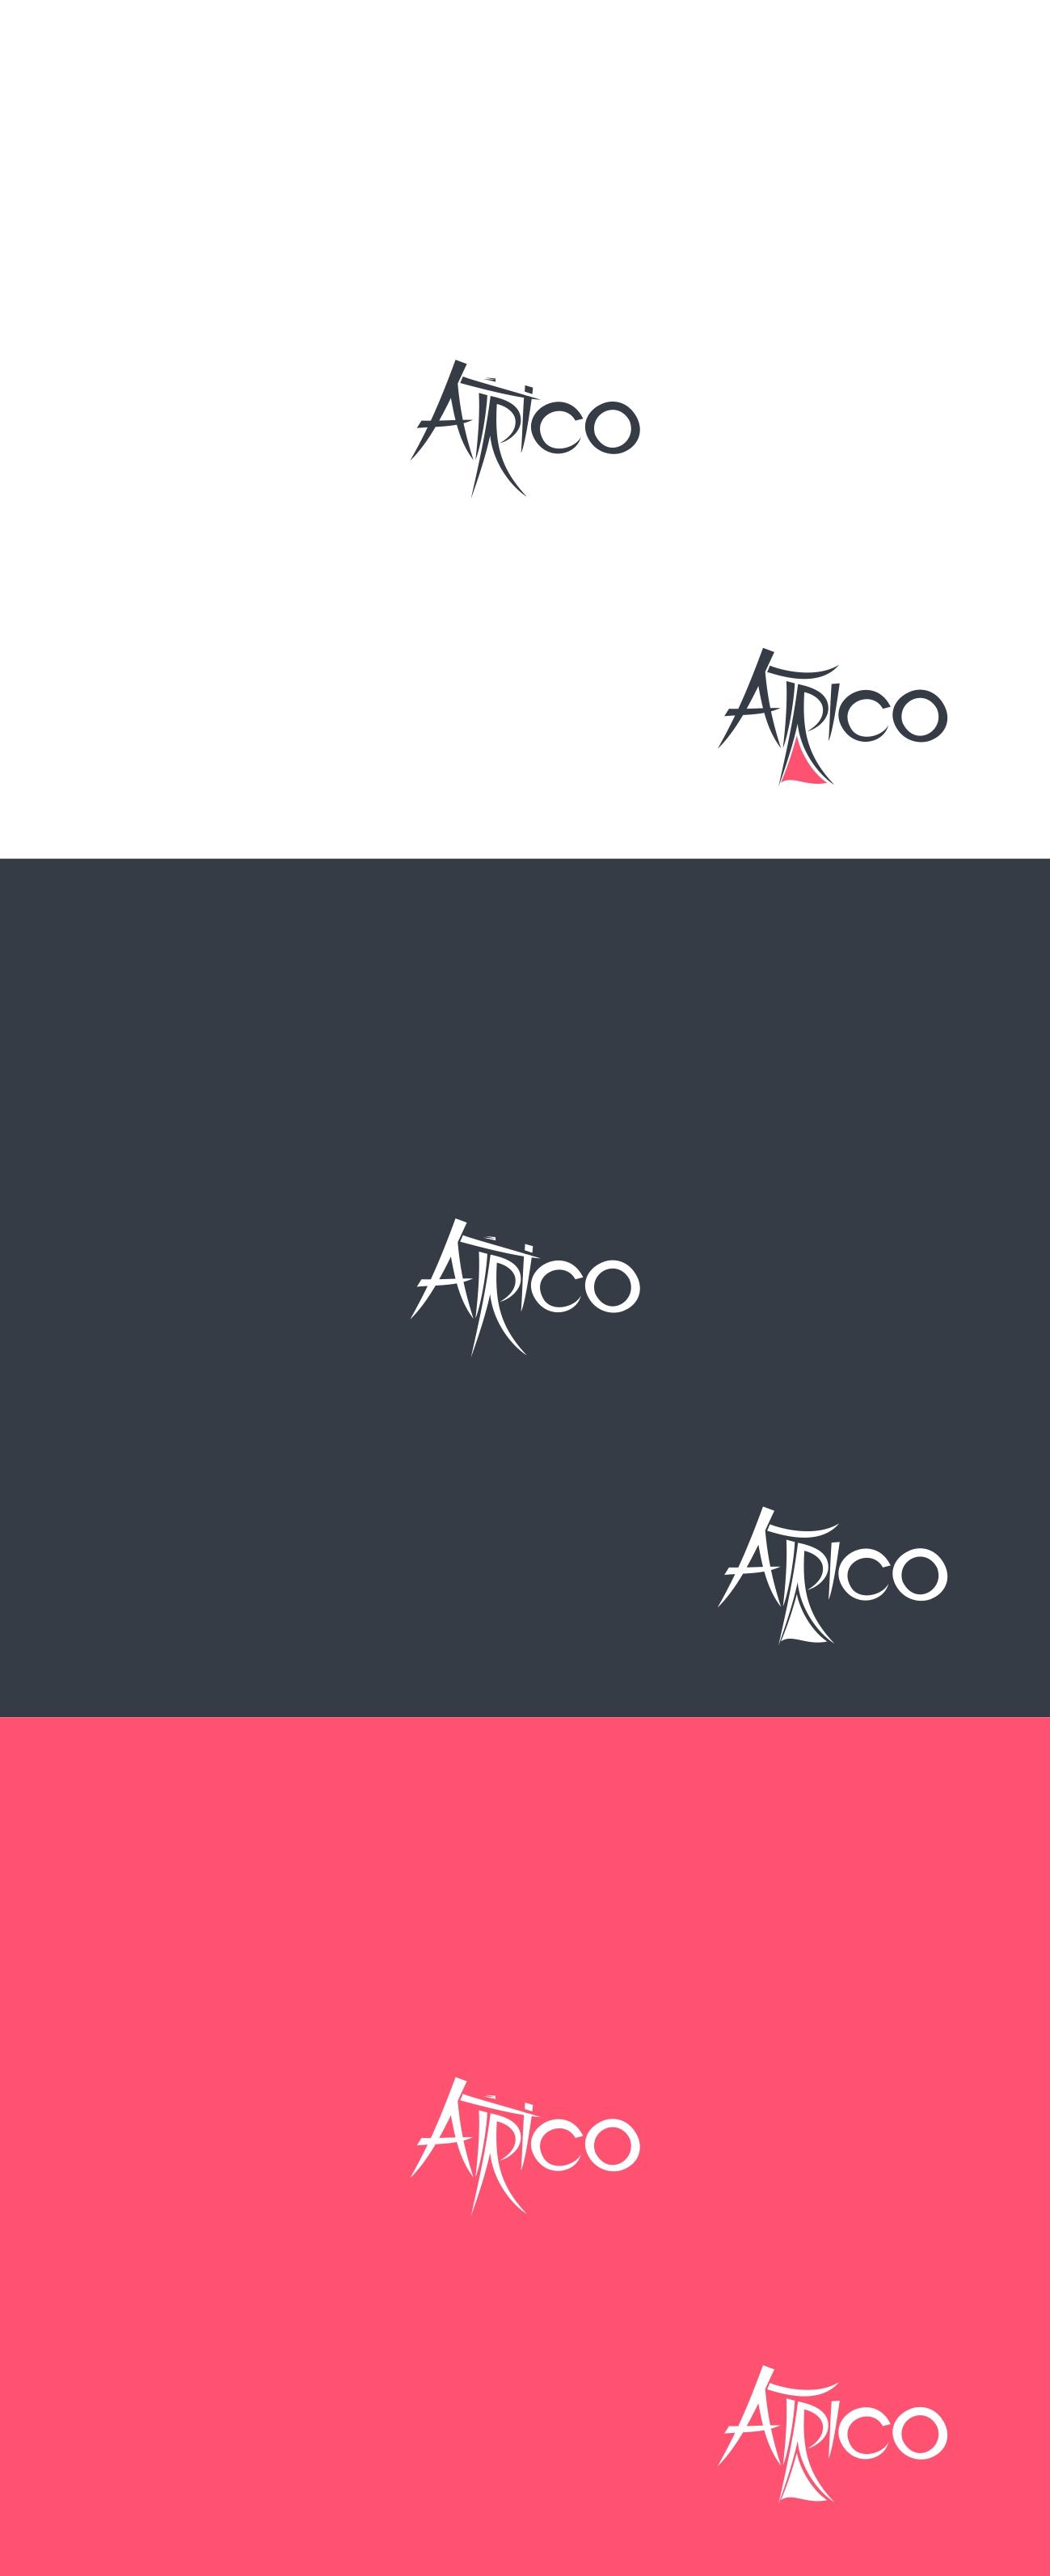 Логотип для брендовой пряжи и трикотажной одежды фото f_41560016c7cef6f4.jpg